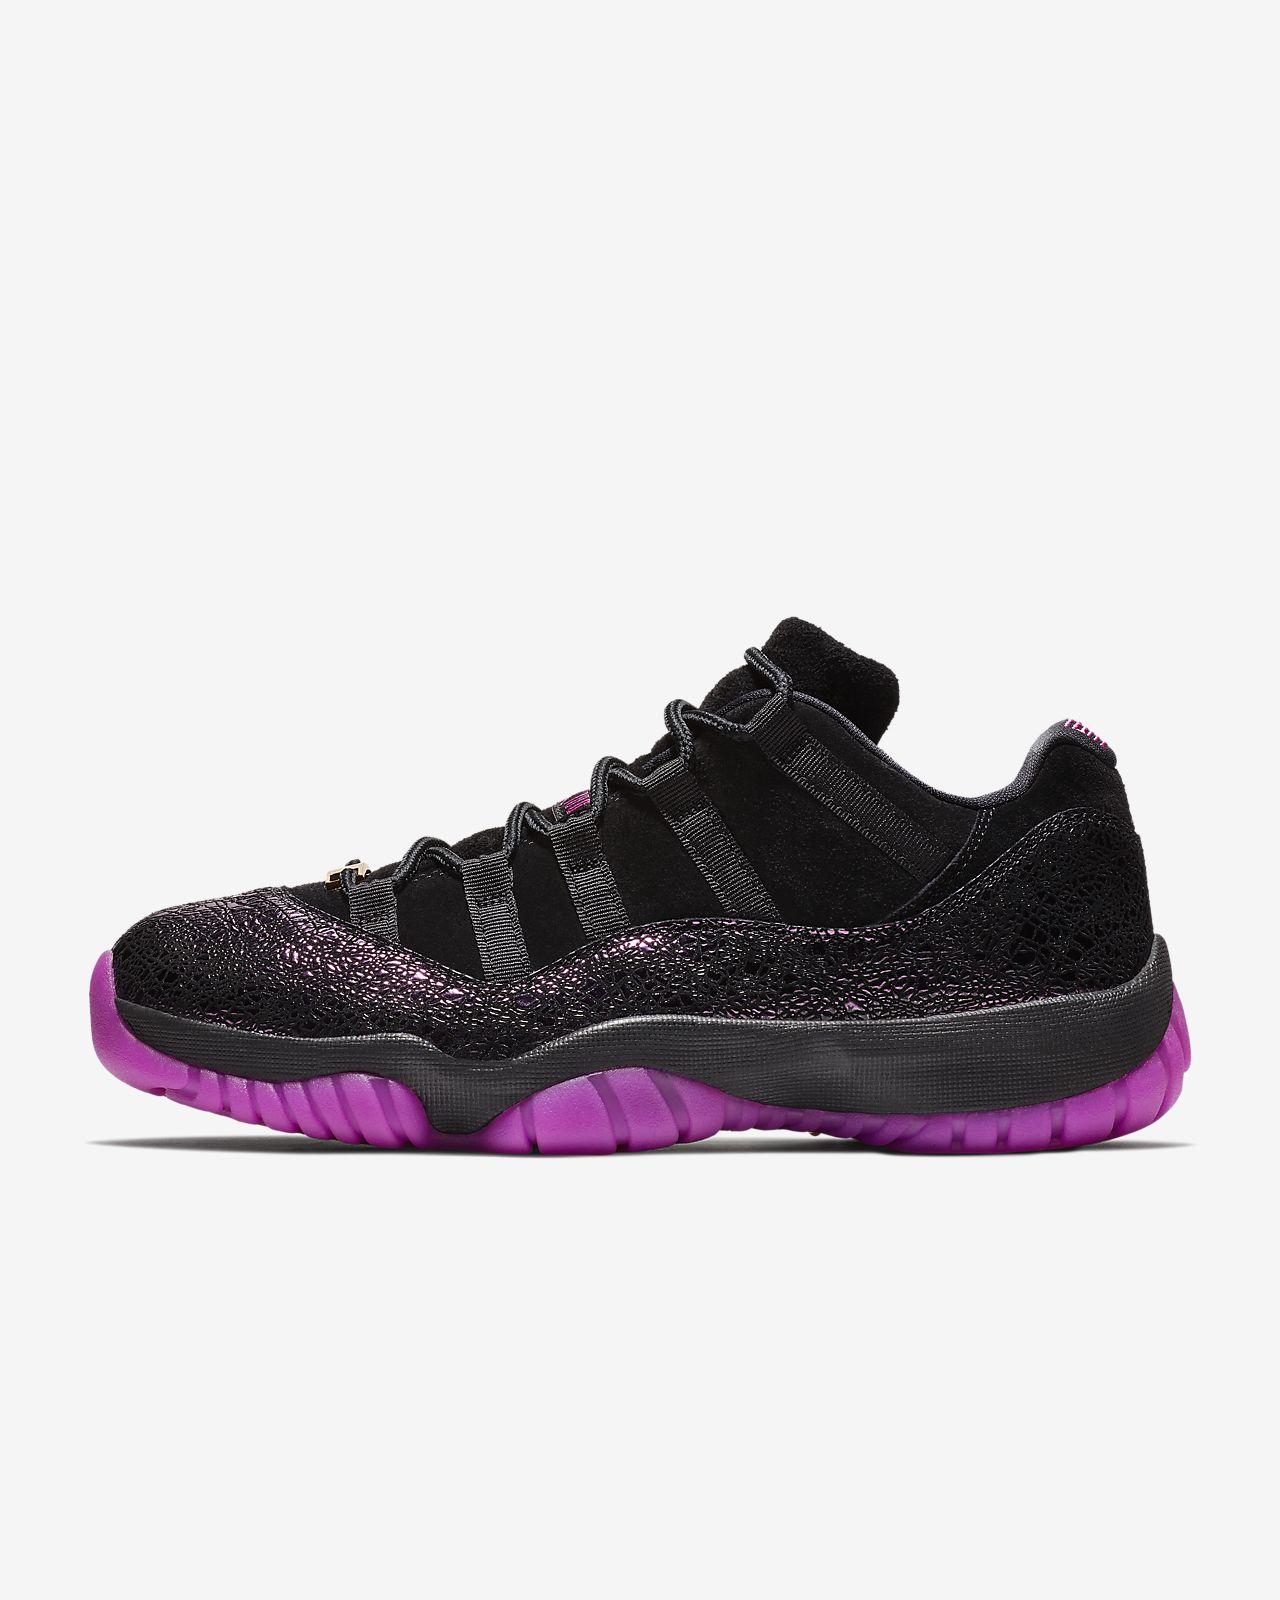 Air Jordan 11 Low 女鞋